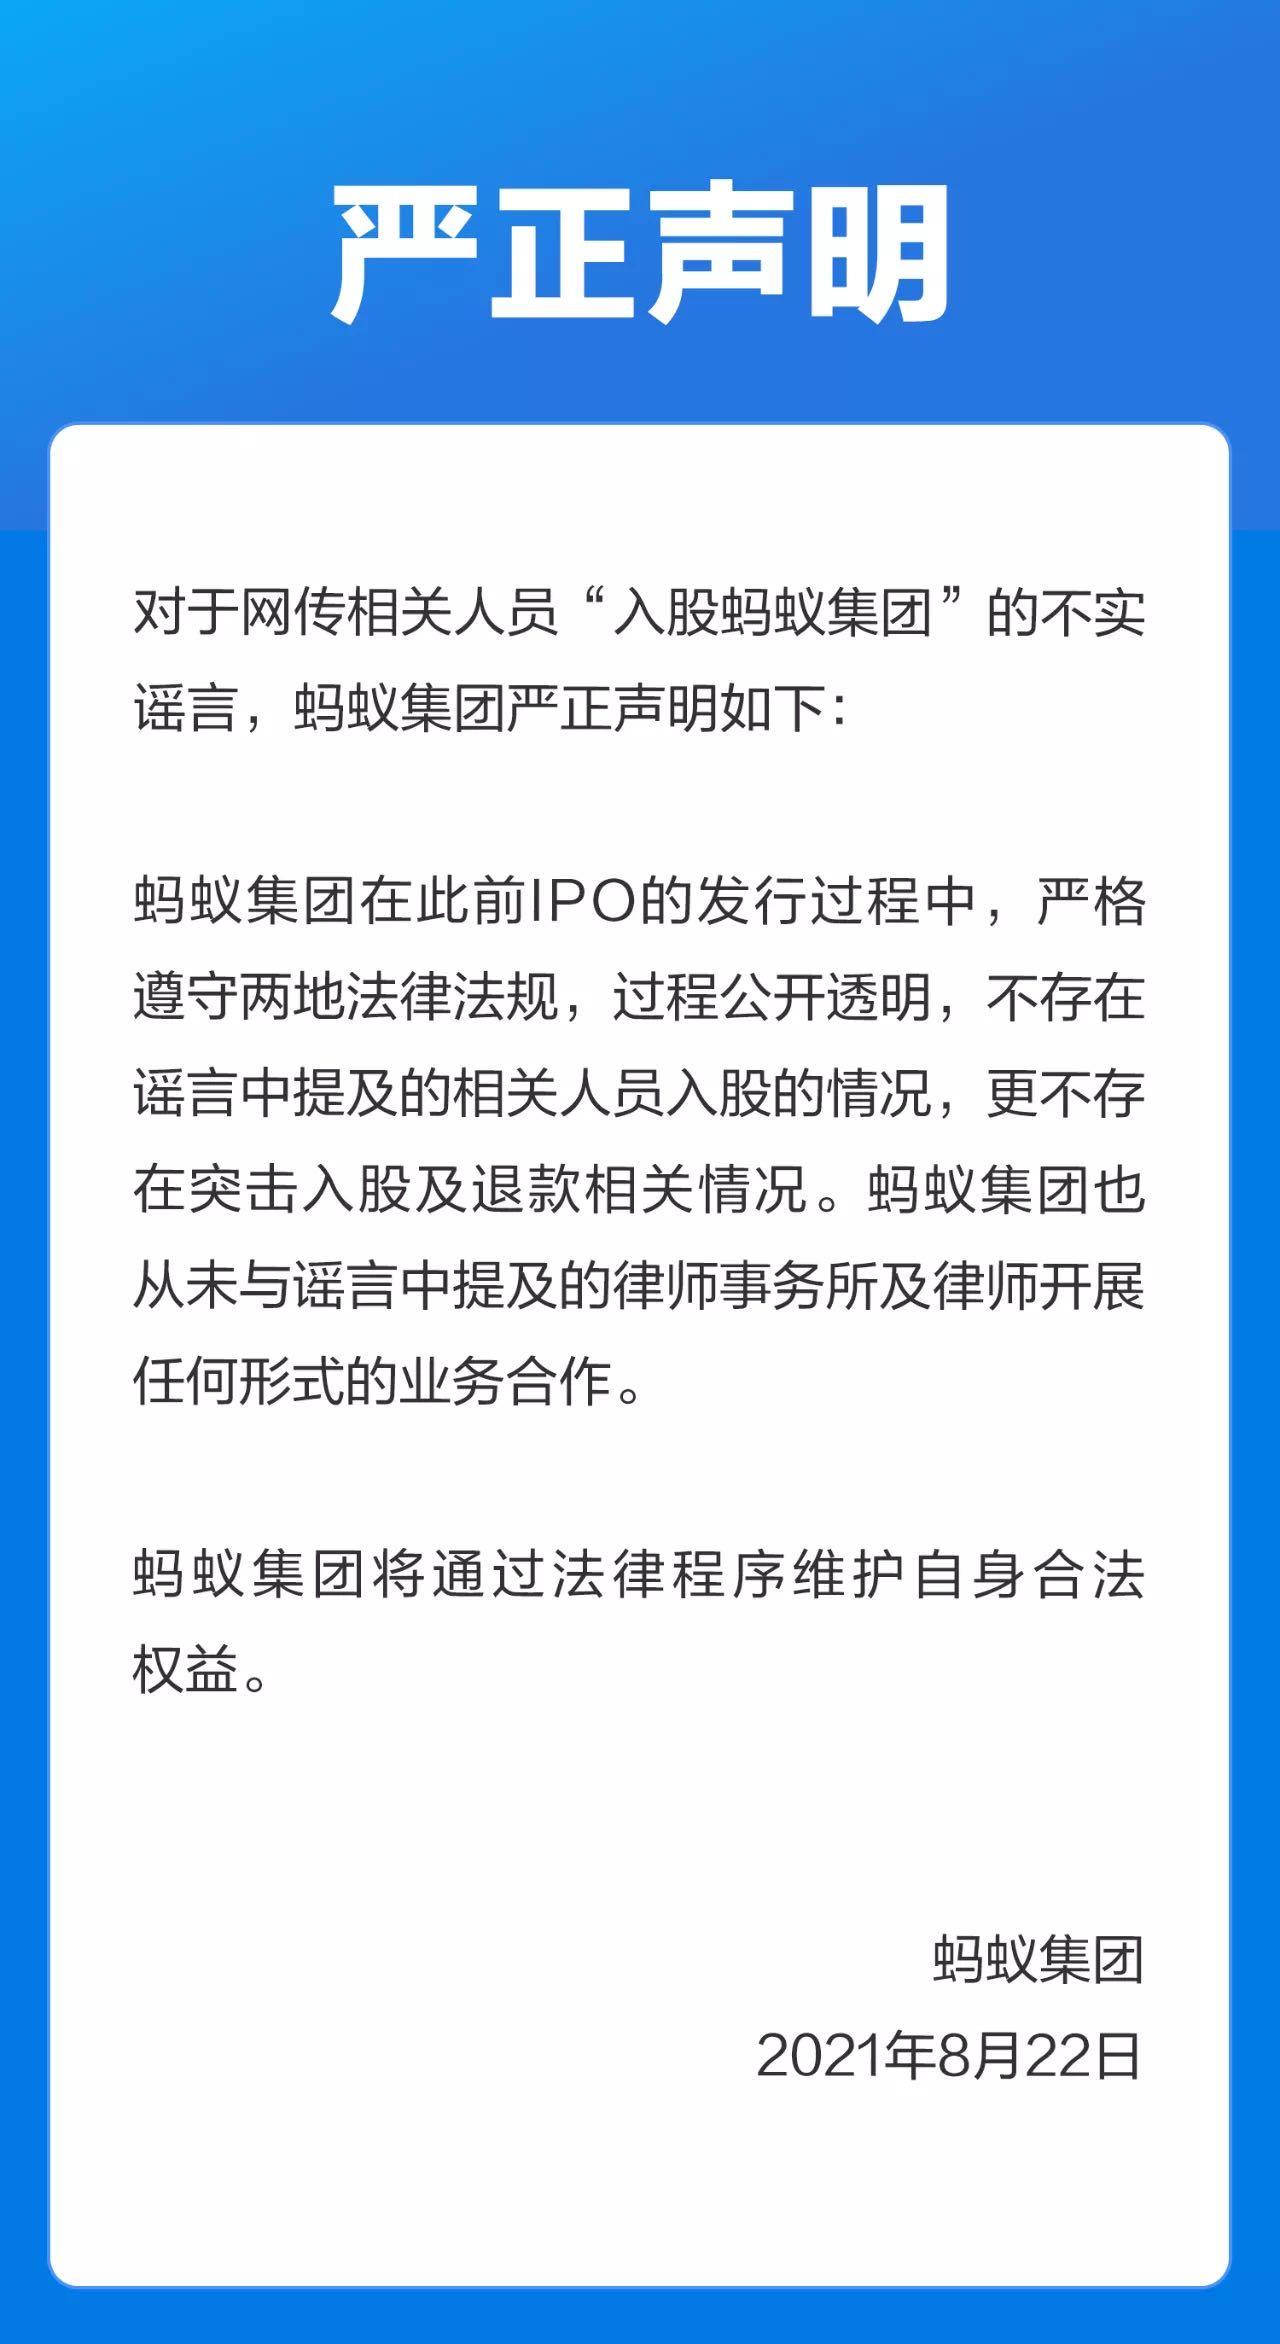 蚂蚁集团辟谣网传相关人员入股情况,阿里云回应泄露用户信息问题